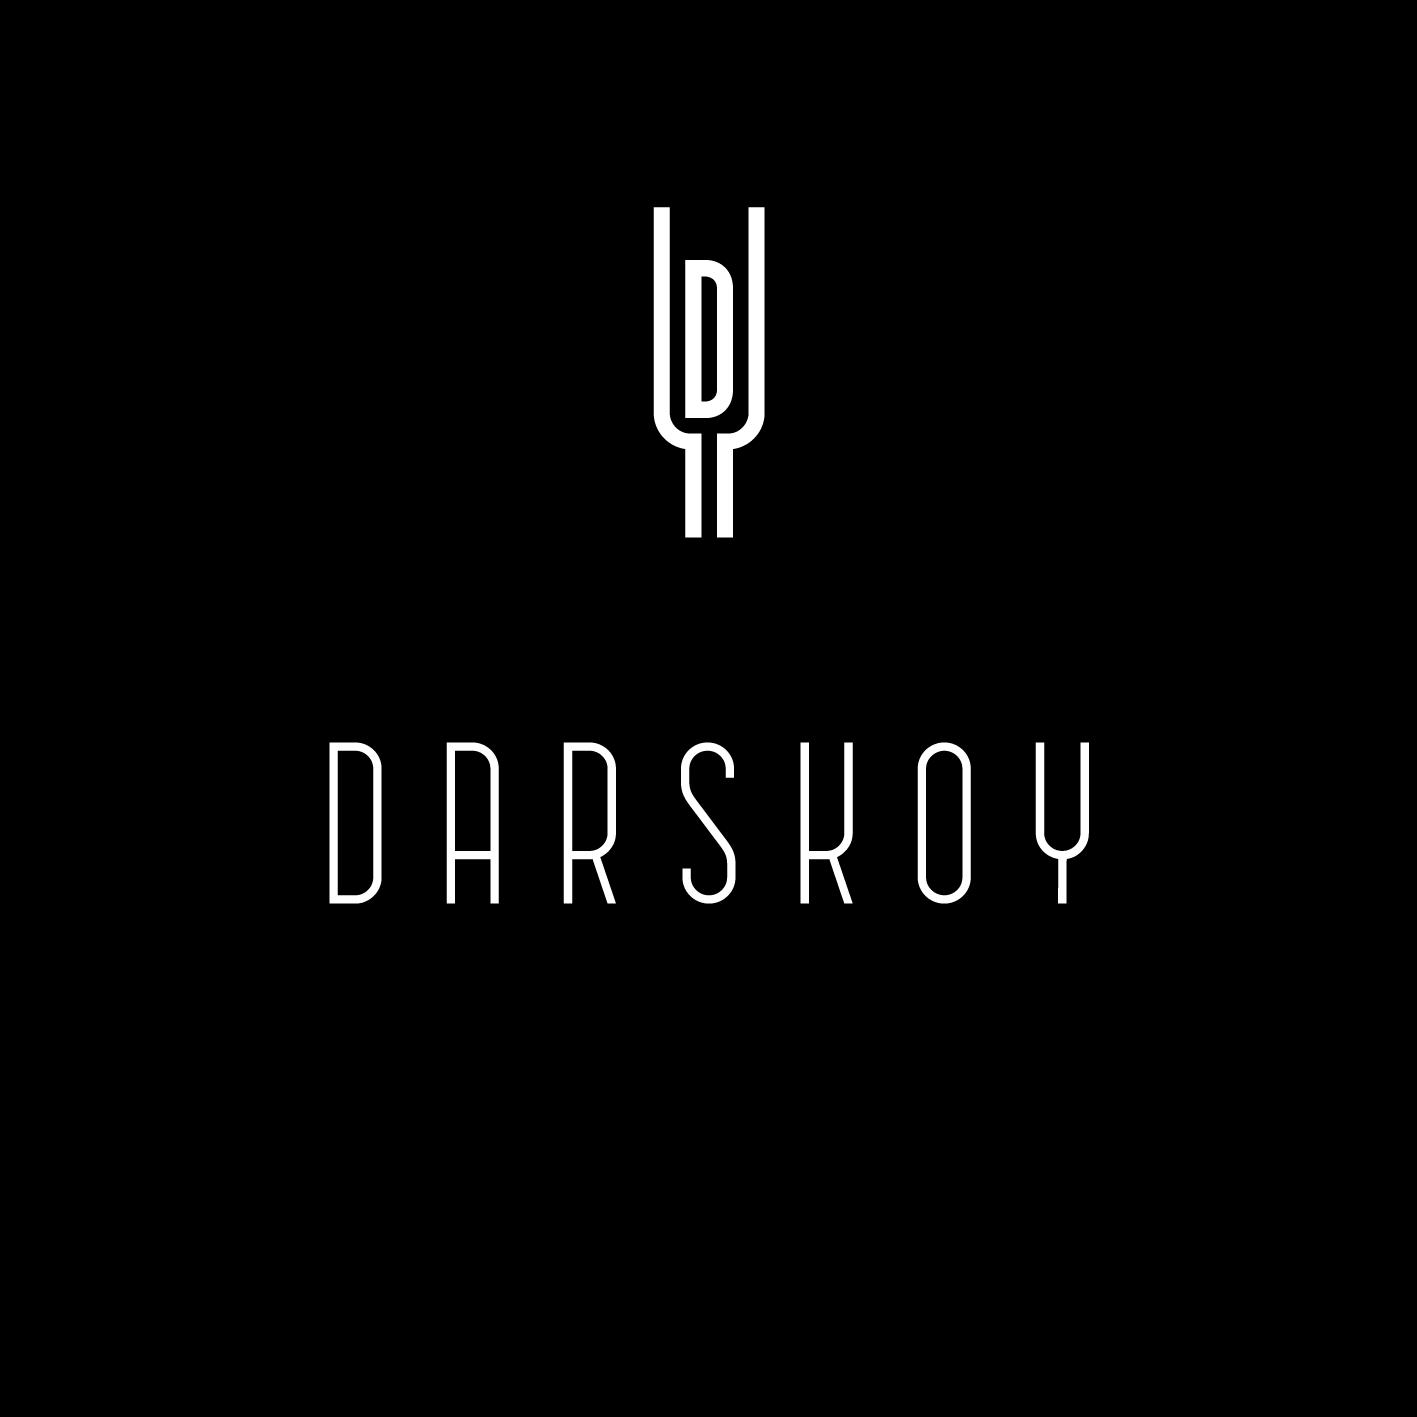 Нарисовать логотип для сольного музыкального проекта фото f_5635ba7d67144864.png